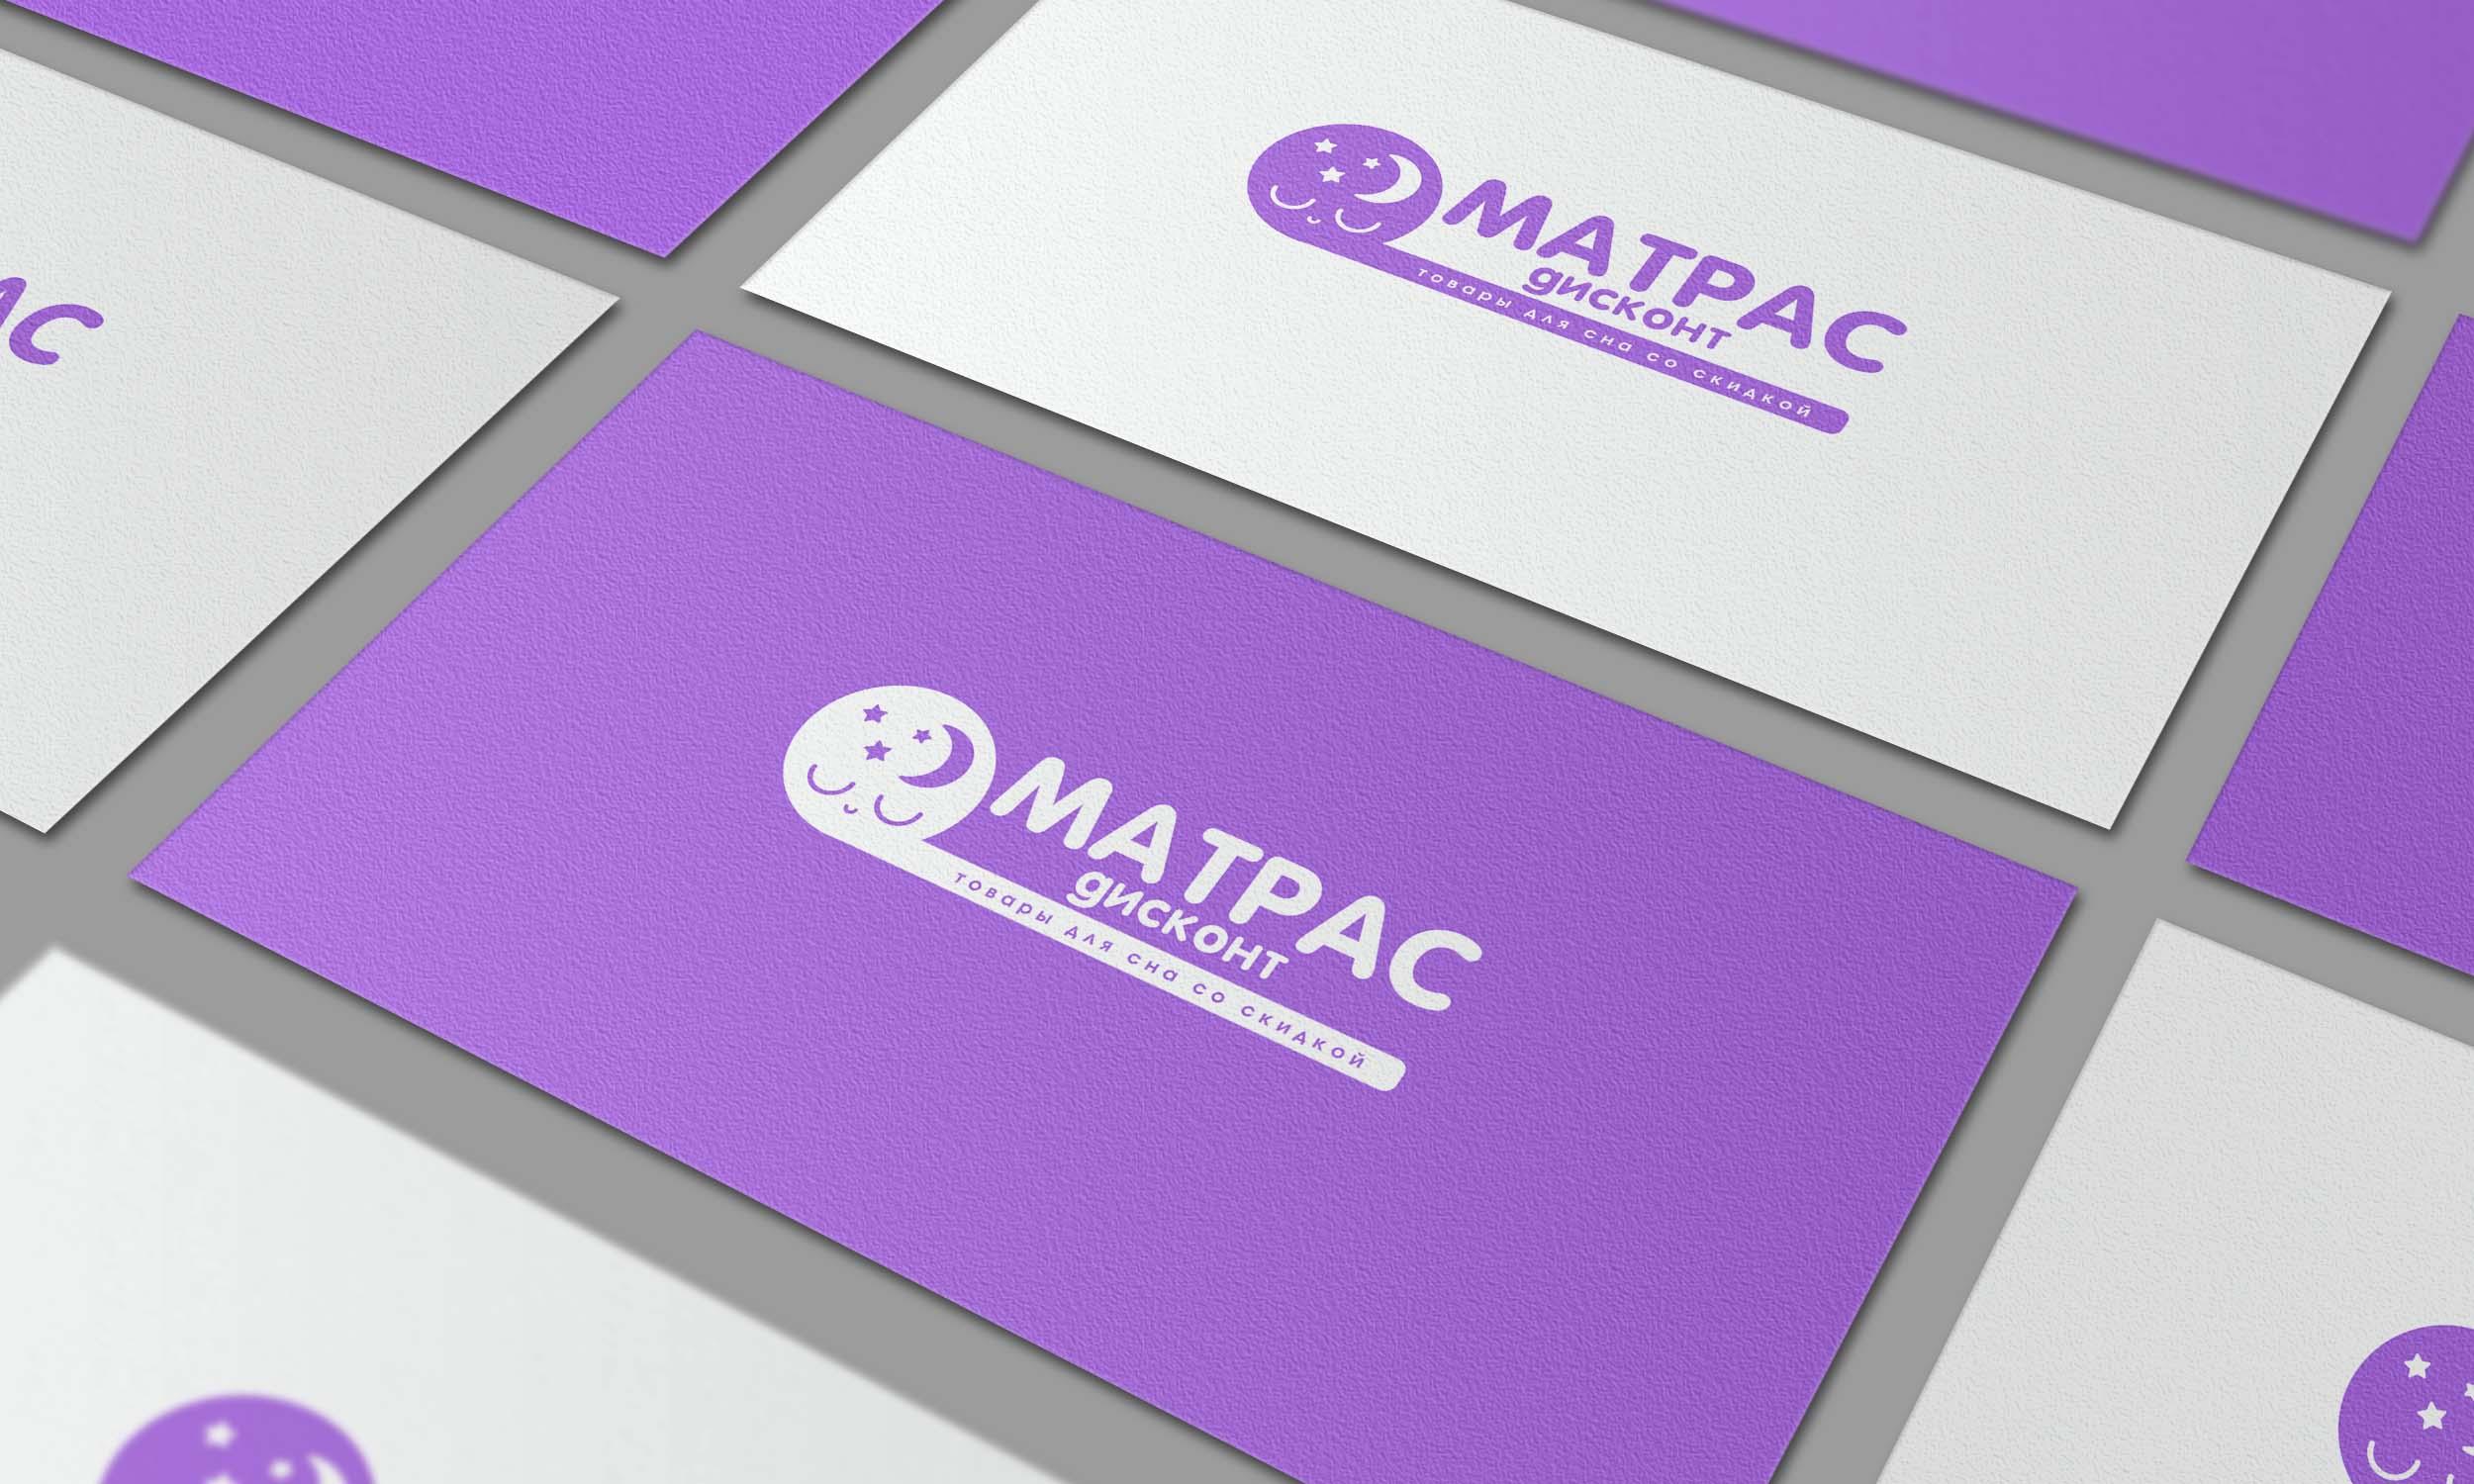 Логотип для ИМ матрасов фото f_3345c87c60814ad1.jpg